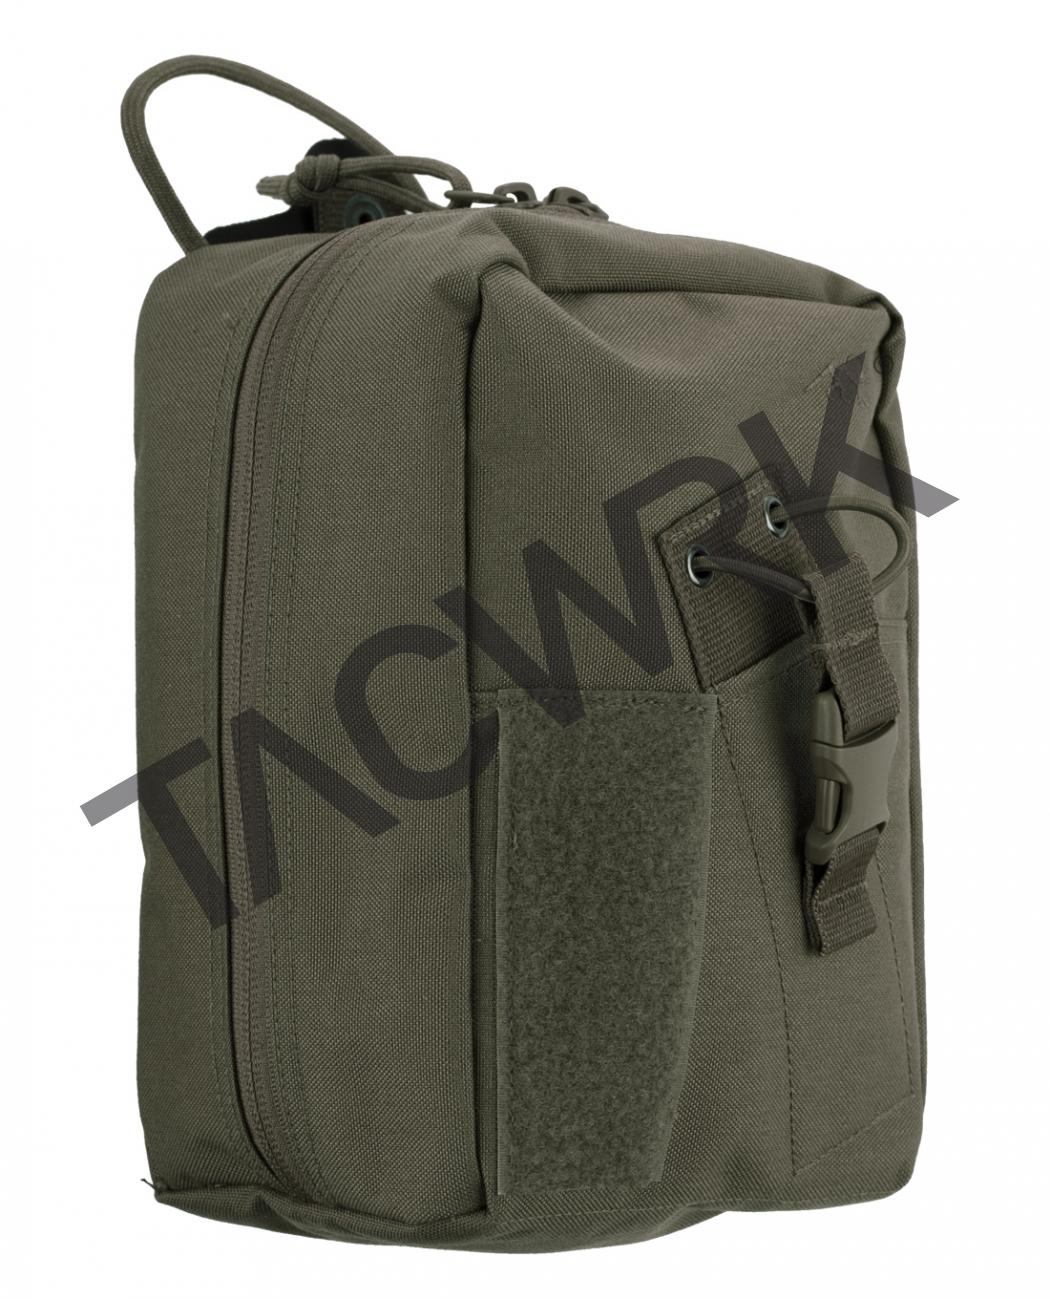 46b22b16ddd TASMANIAN TIGER Base Medic Pouch Olive - TACWRK